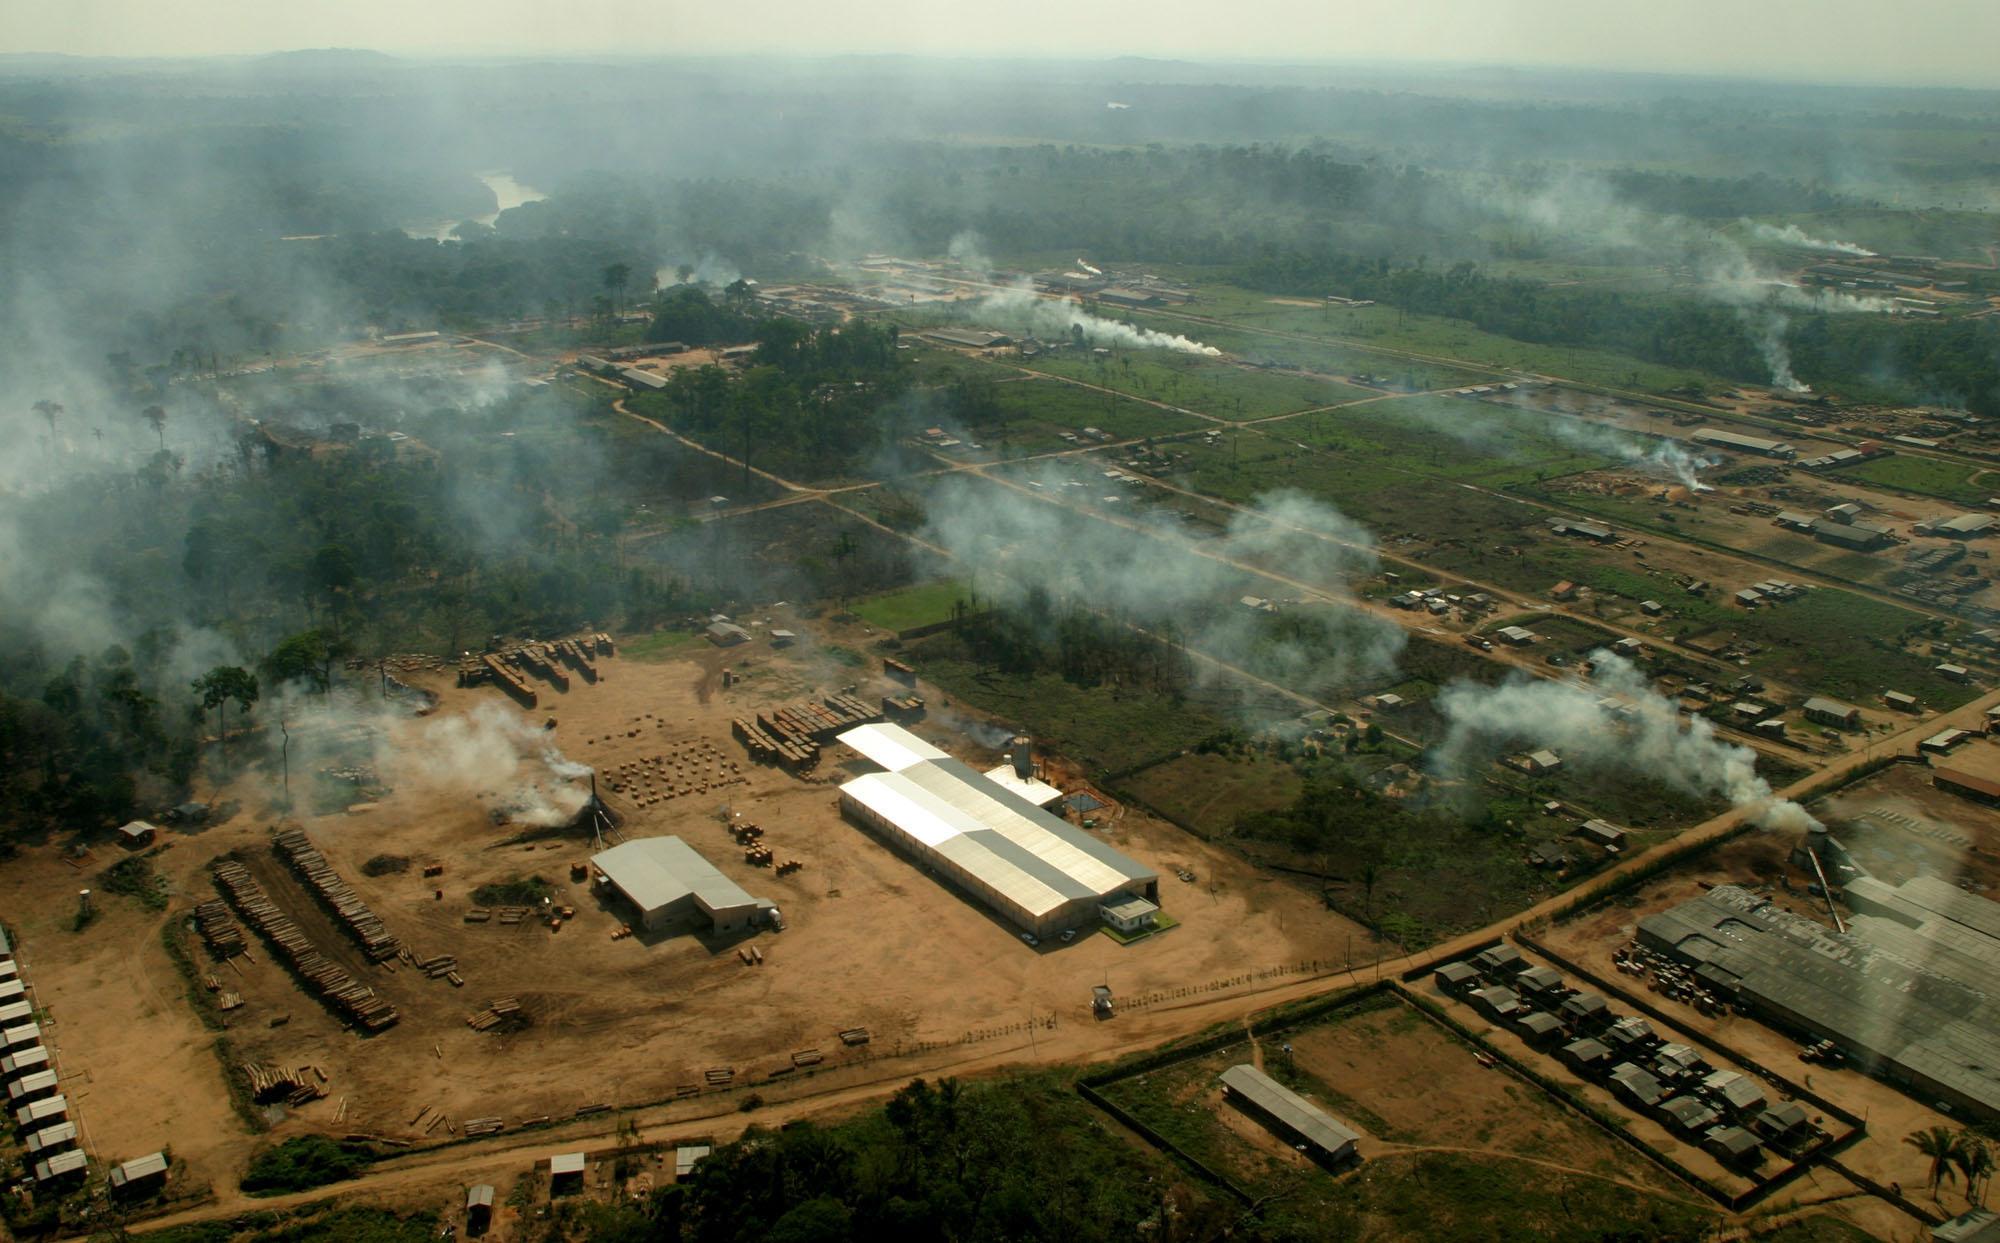 O Desmatamento da Amazônia Brasileira: 8 – Lavagem de dinheiro, exploração madeireira e mineração